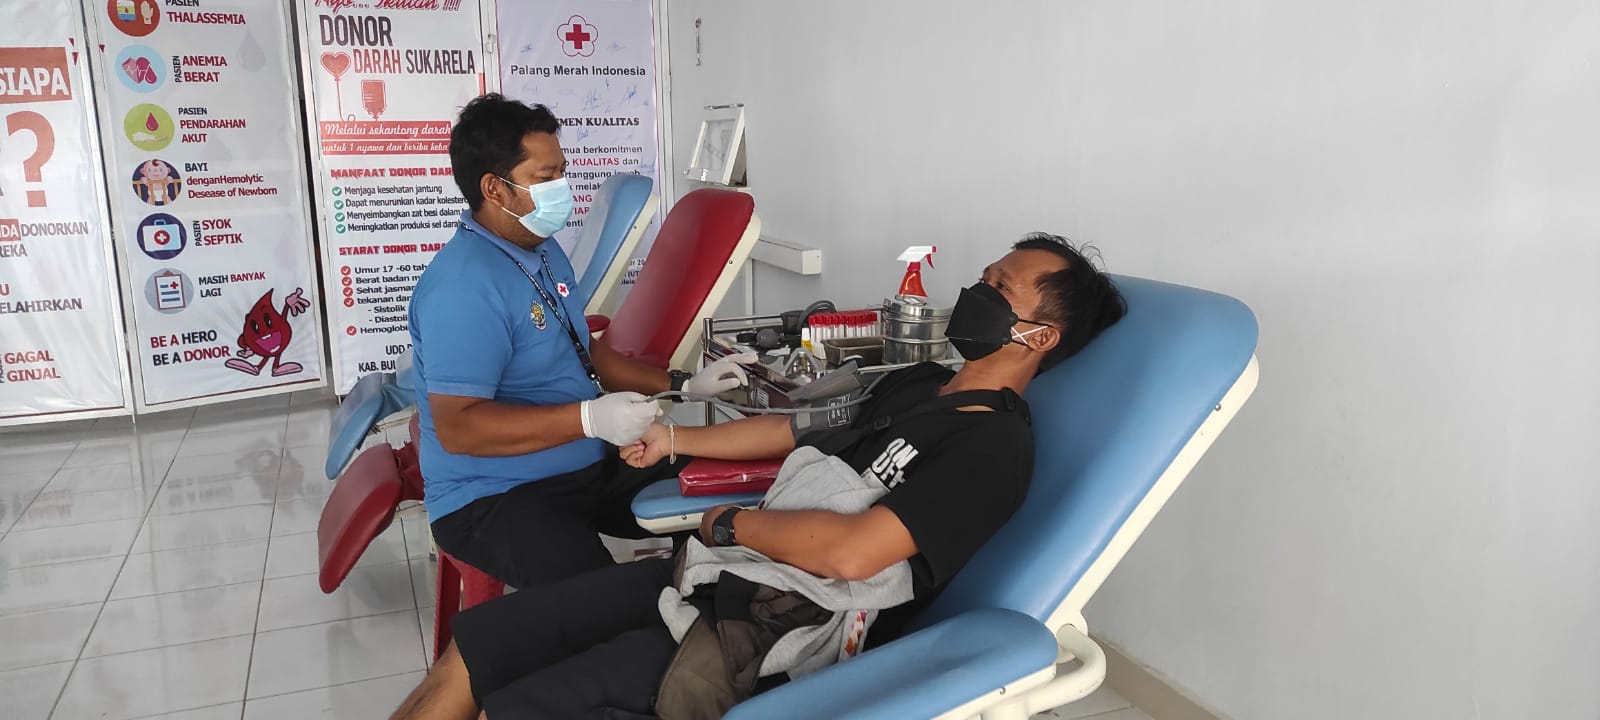 KEGIATAN donor darah di kantor UDD PMI Buleleng. Foto: rik